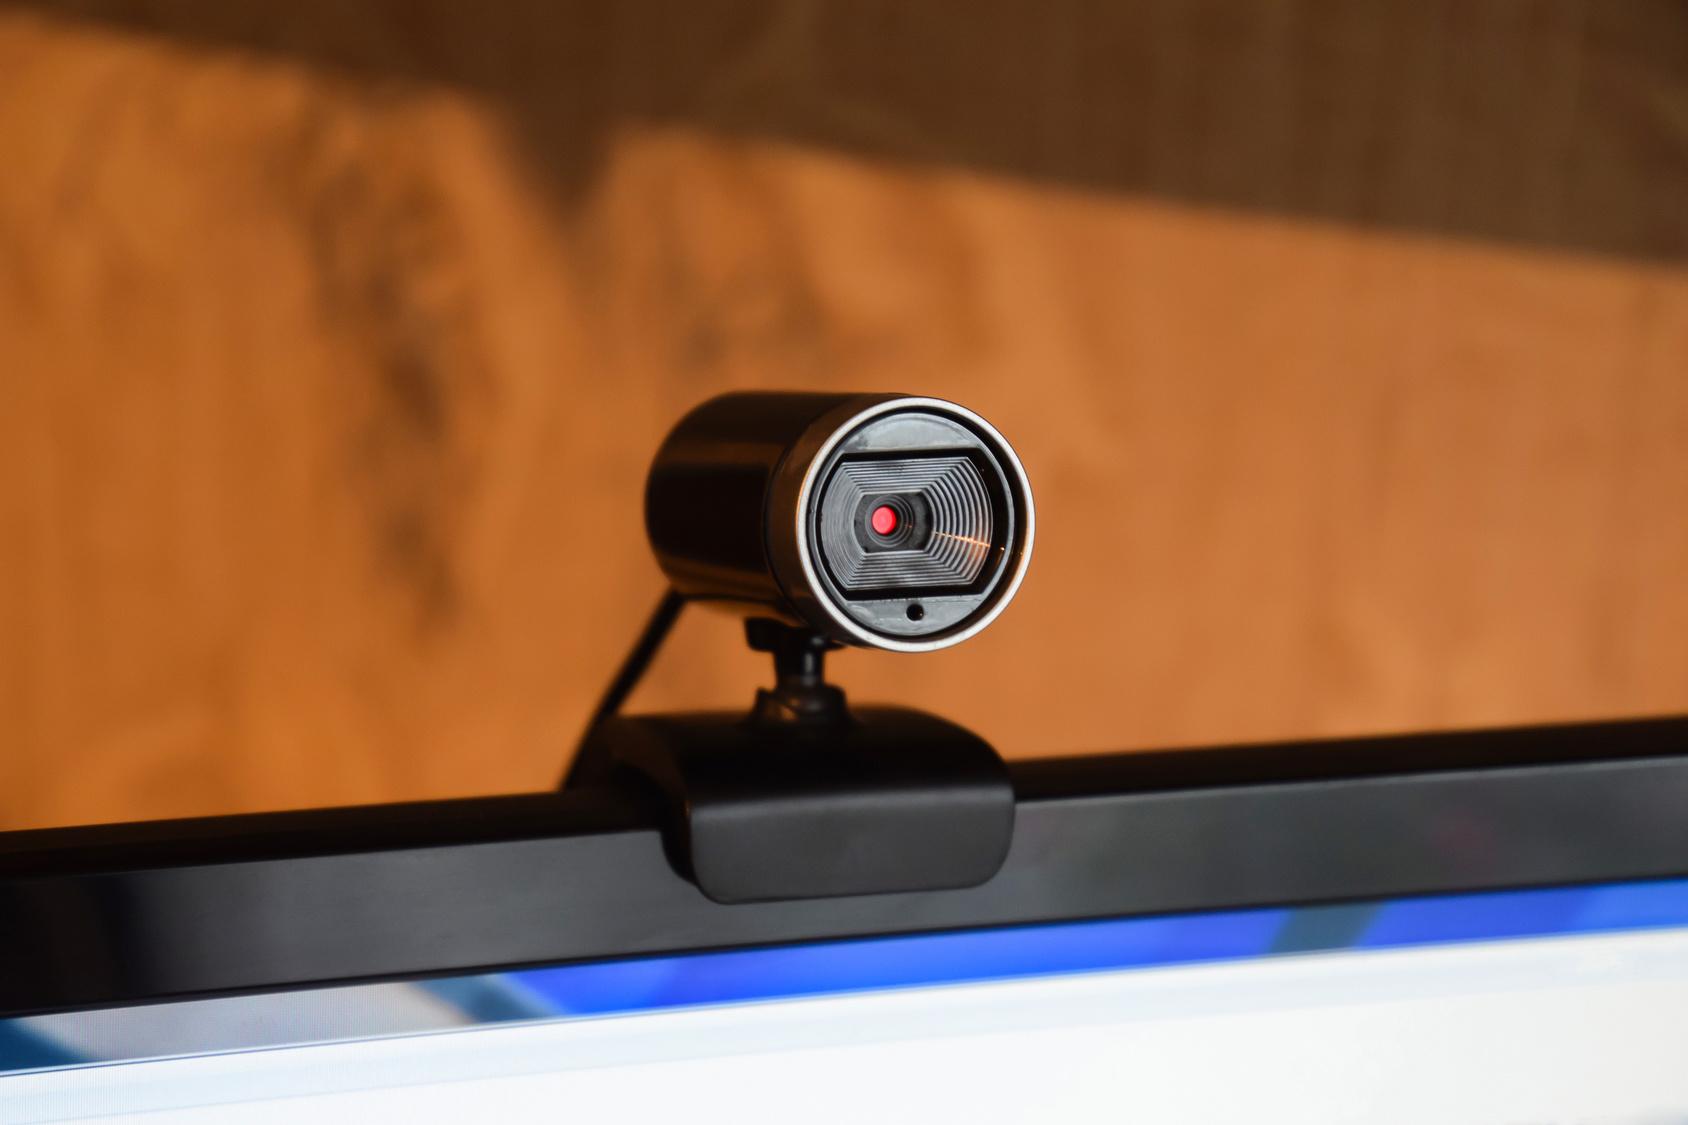 防犯カメラにもなるwebカメラ!手近に始める防犯対策